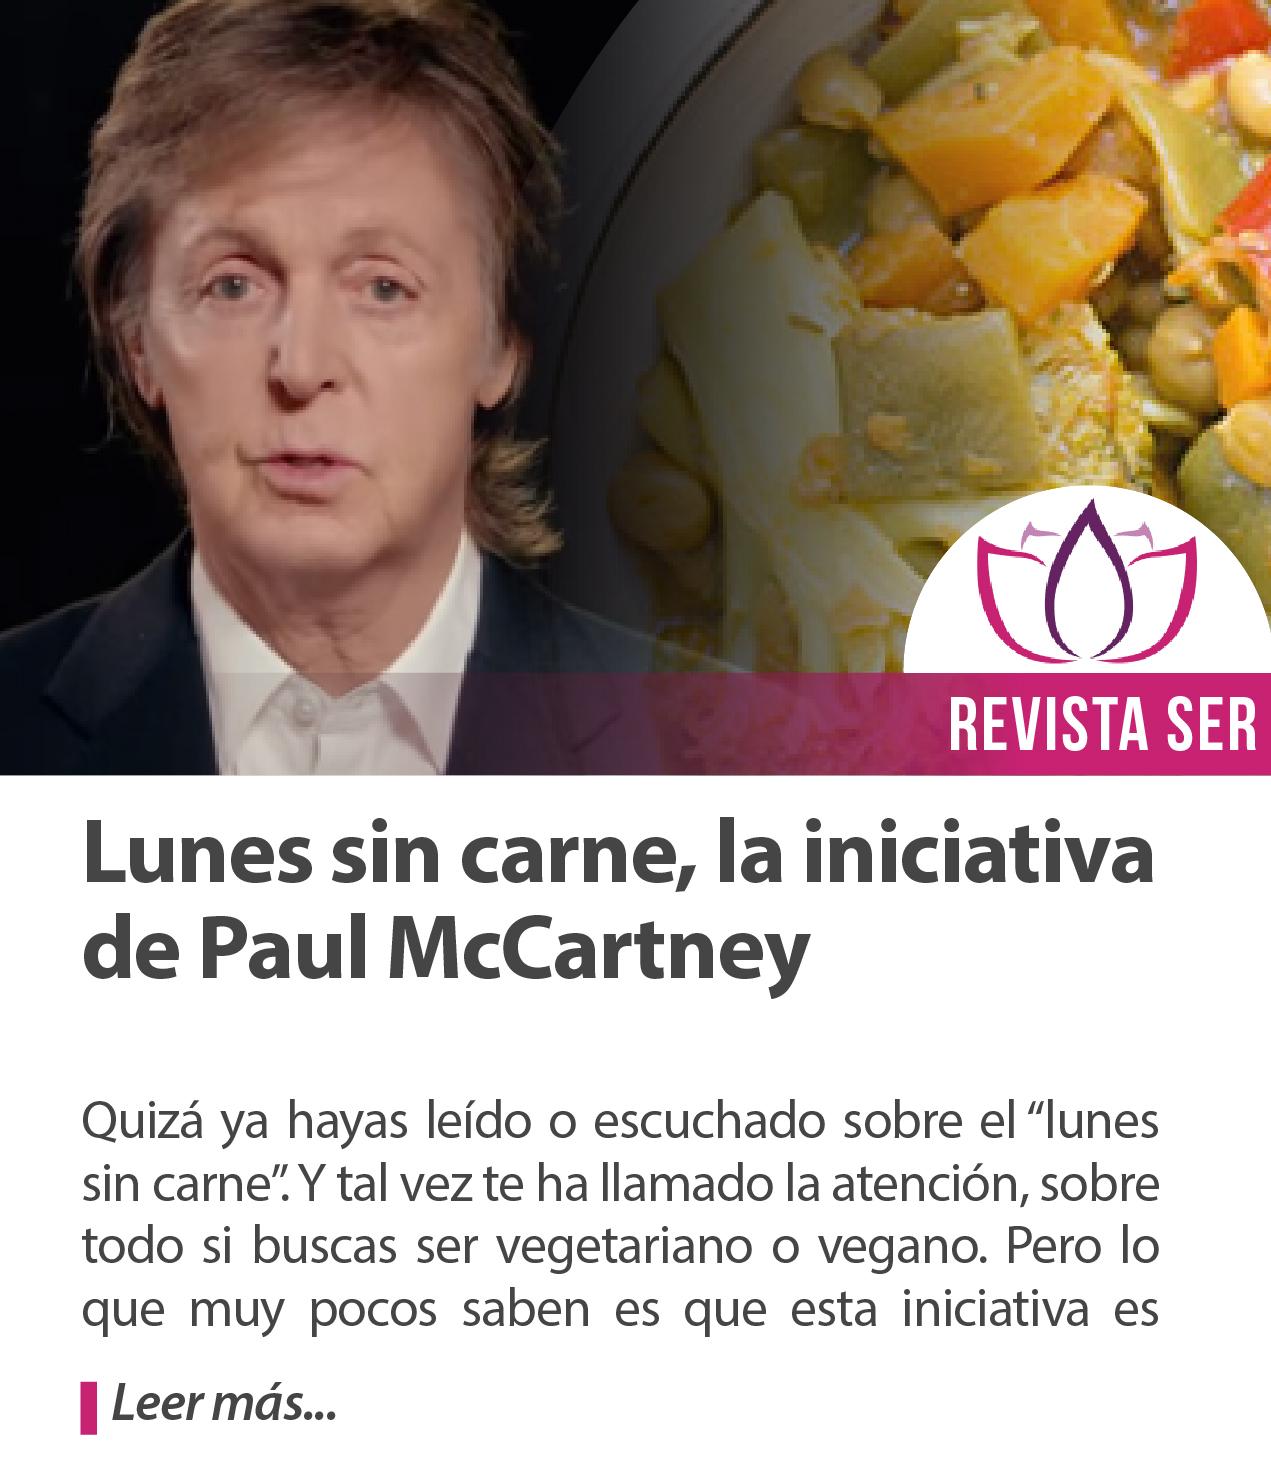 Lunes sin carne, la iniciativa de Paul McCartney